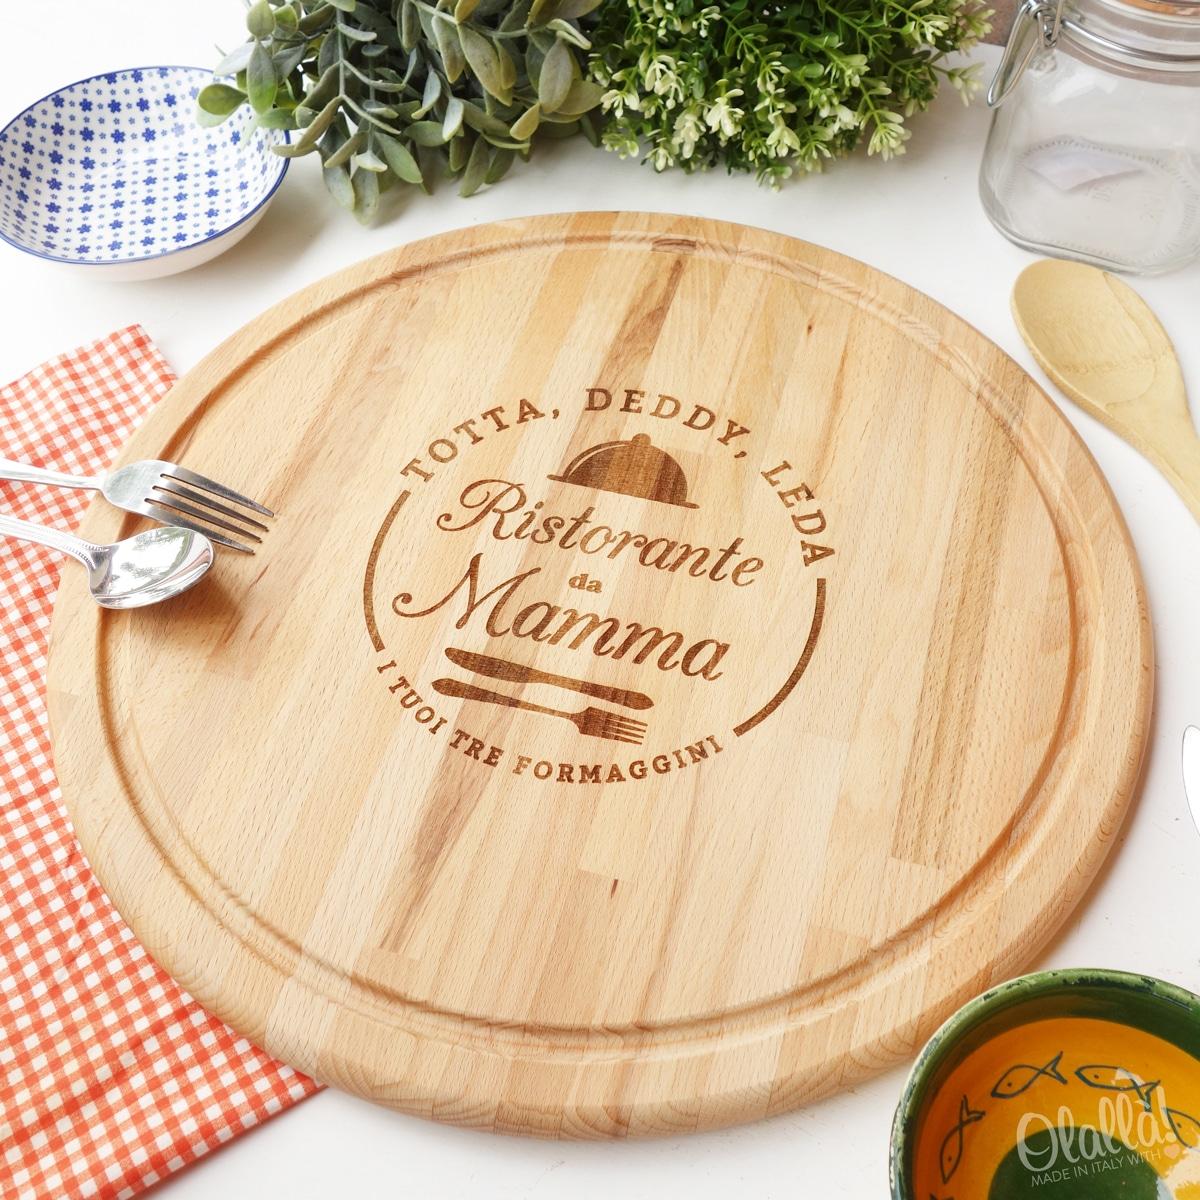 tagliere-personalizzato-ristorante-da-mamma-3